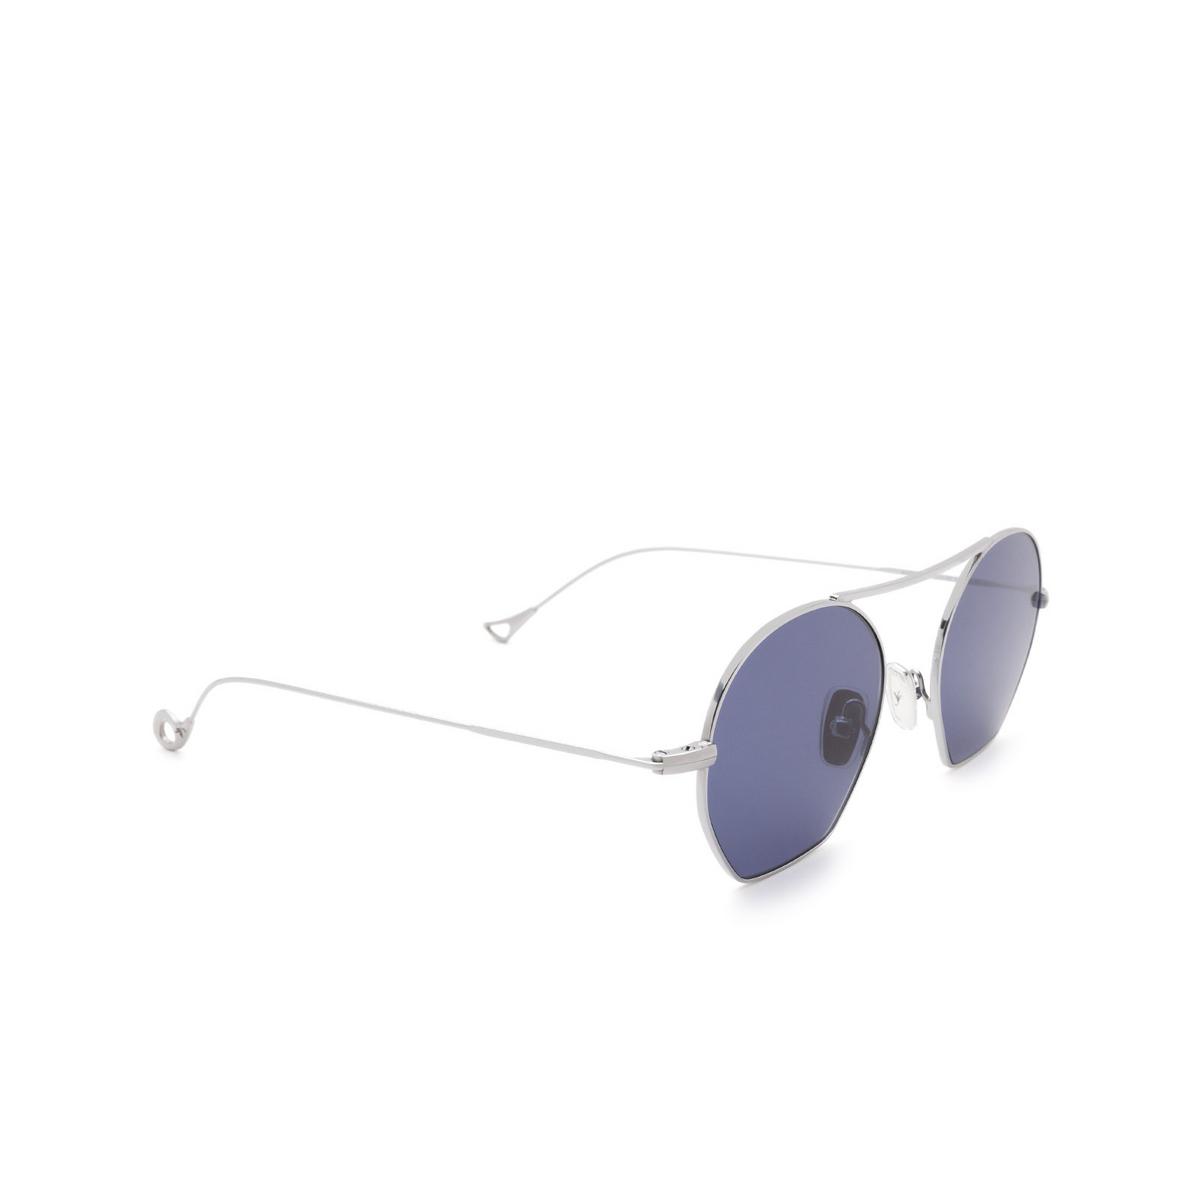 Eyepetizer® Irregular Sunglasses: Botafoch color Silver C.1-39 - three-quarters view.